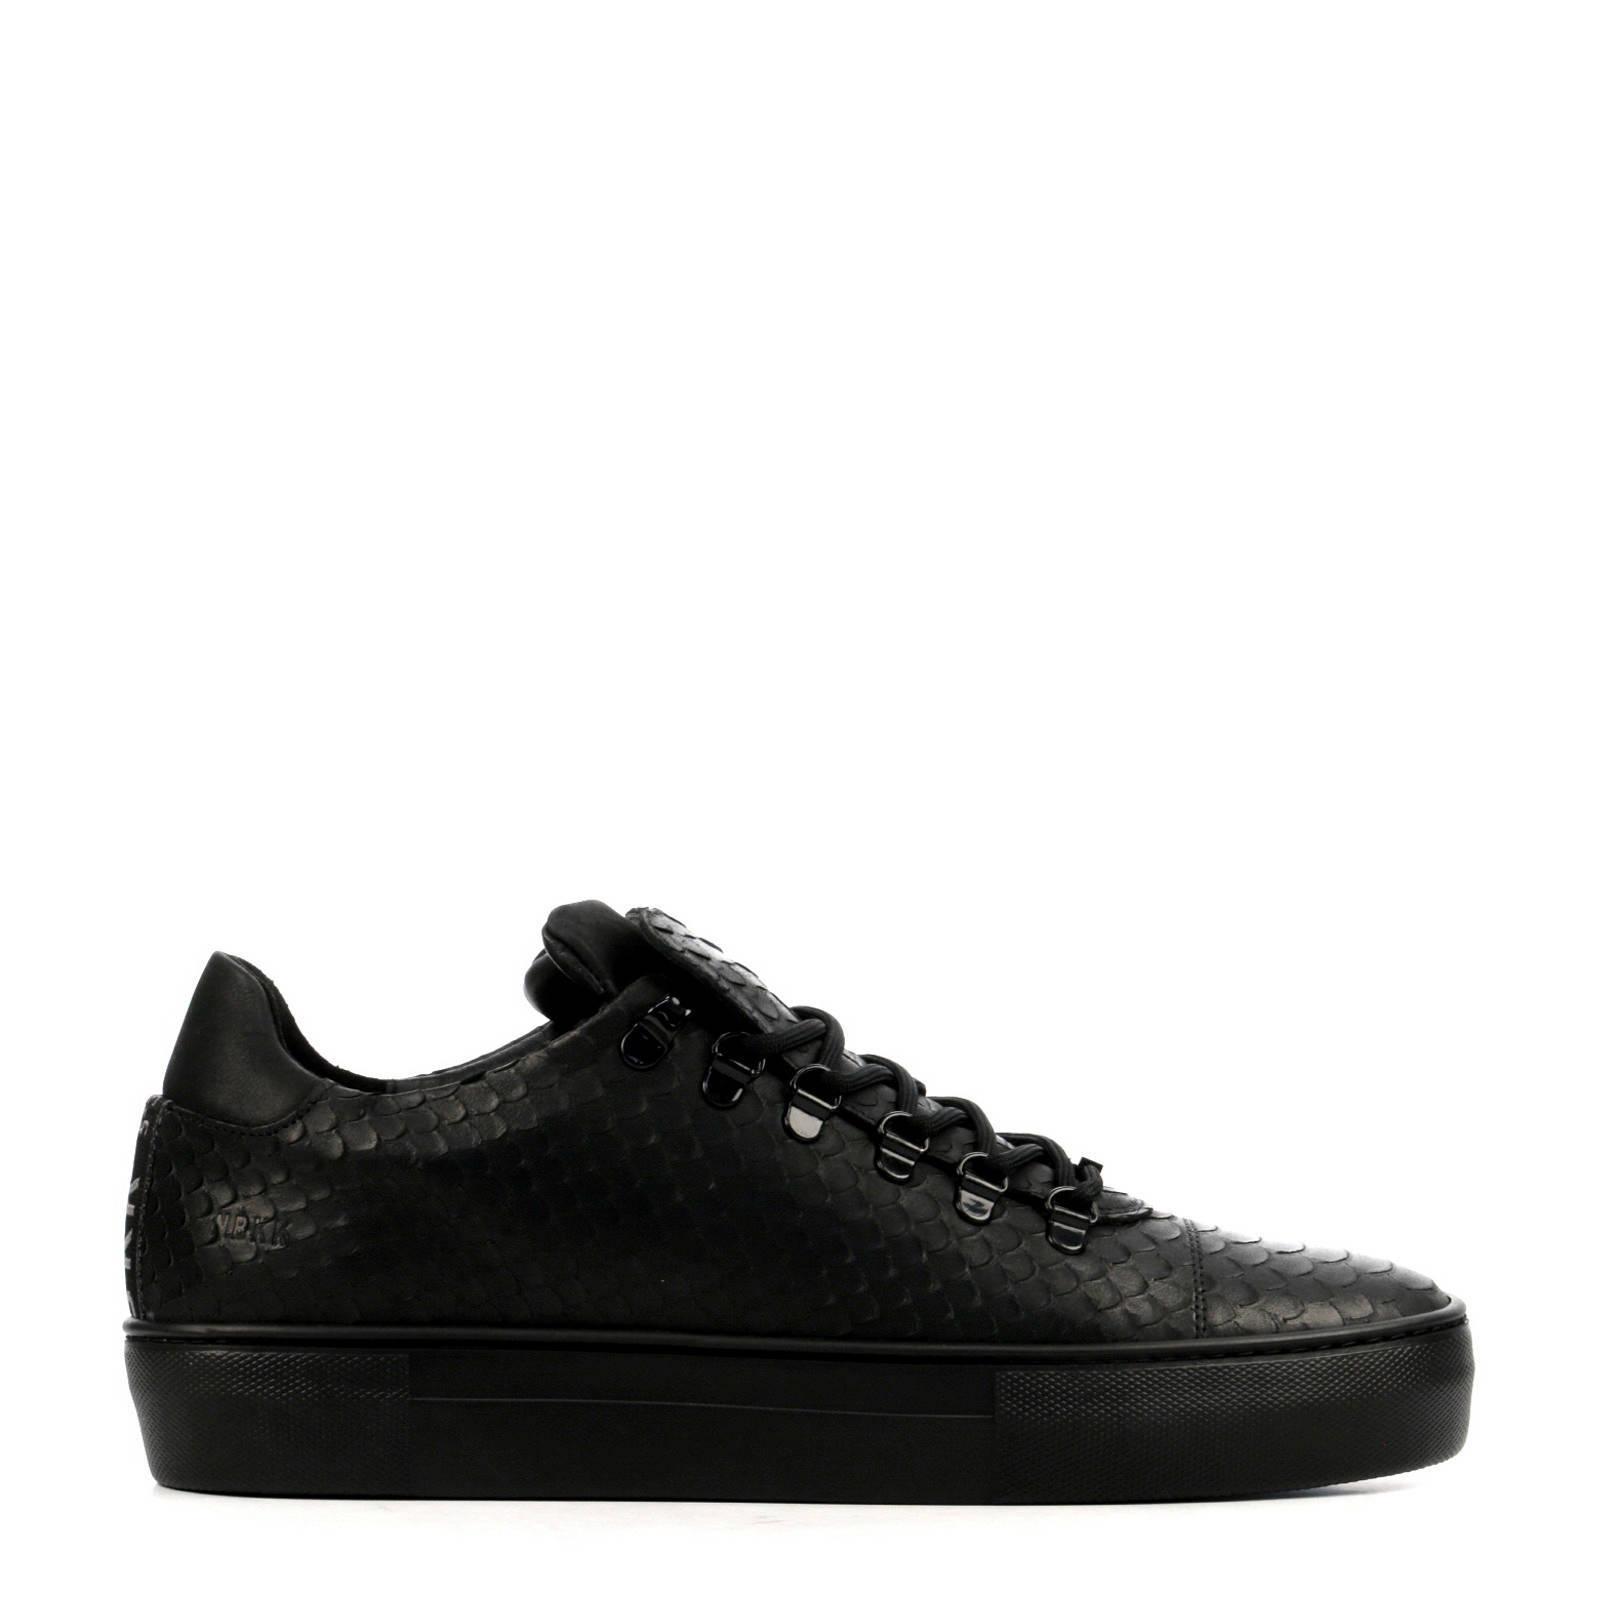 newest c8af7 35df6 nubikk-jagger-python-leren-sneakers-zwart-zwart-8719296849478.jpg